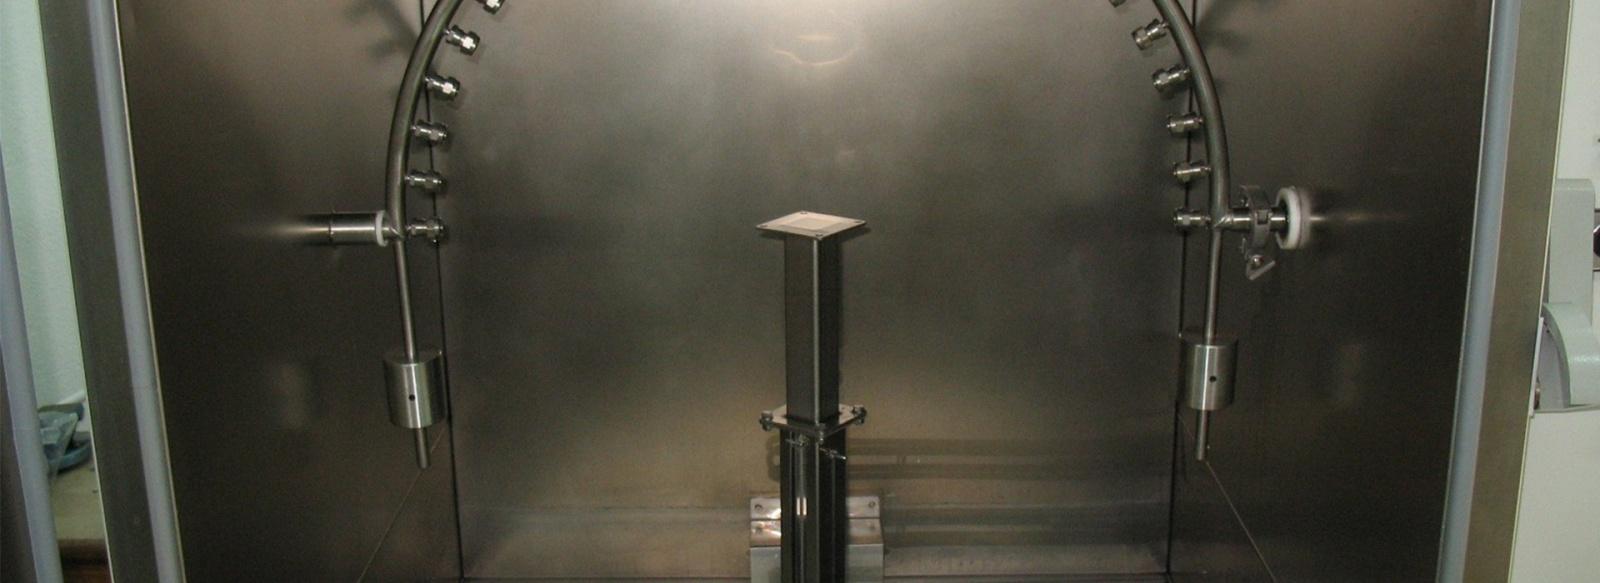 Защита устройств от пыли и влаги. Разбираемся в обозначениях IP стандарта - 3